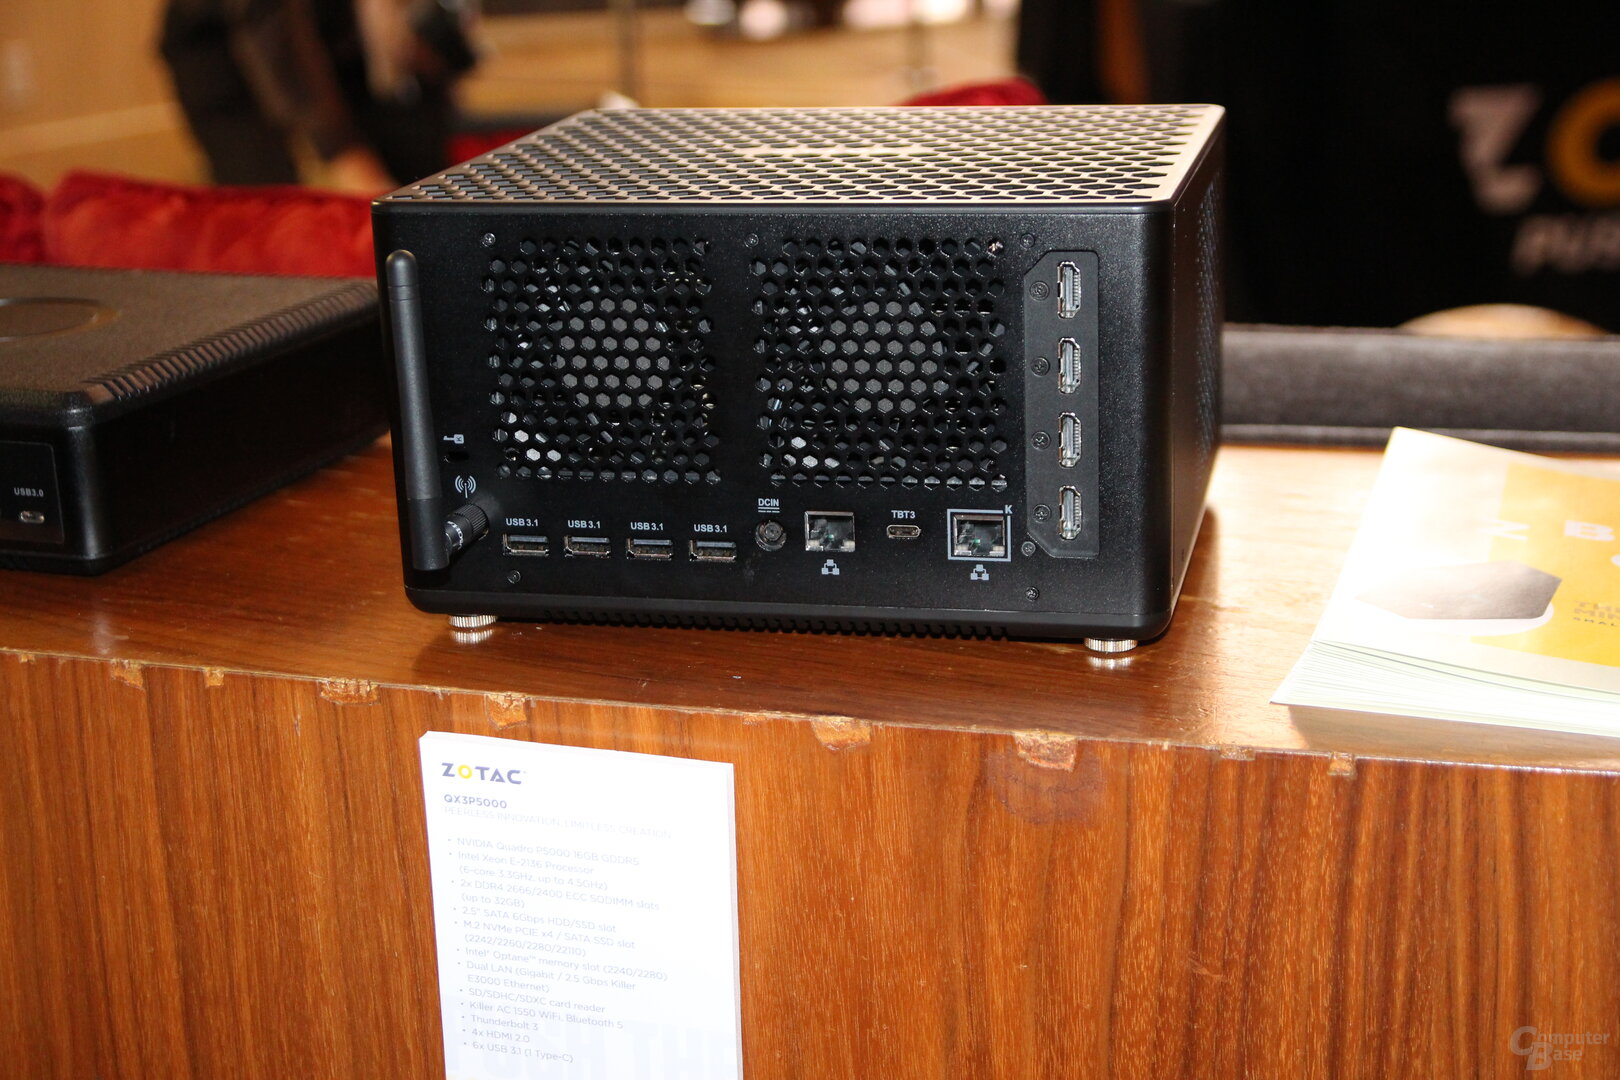 Zotac QX3P5000